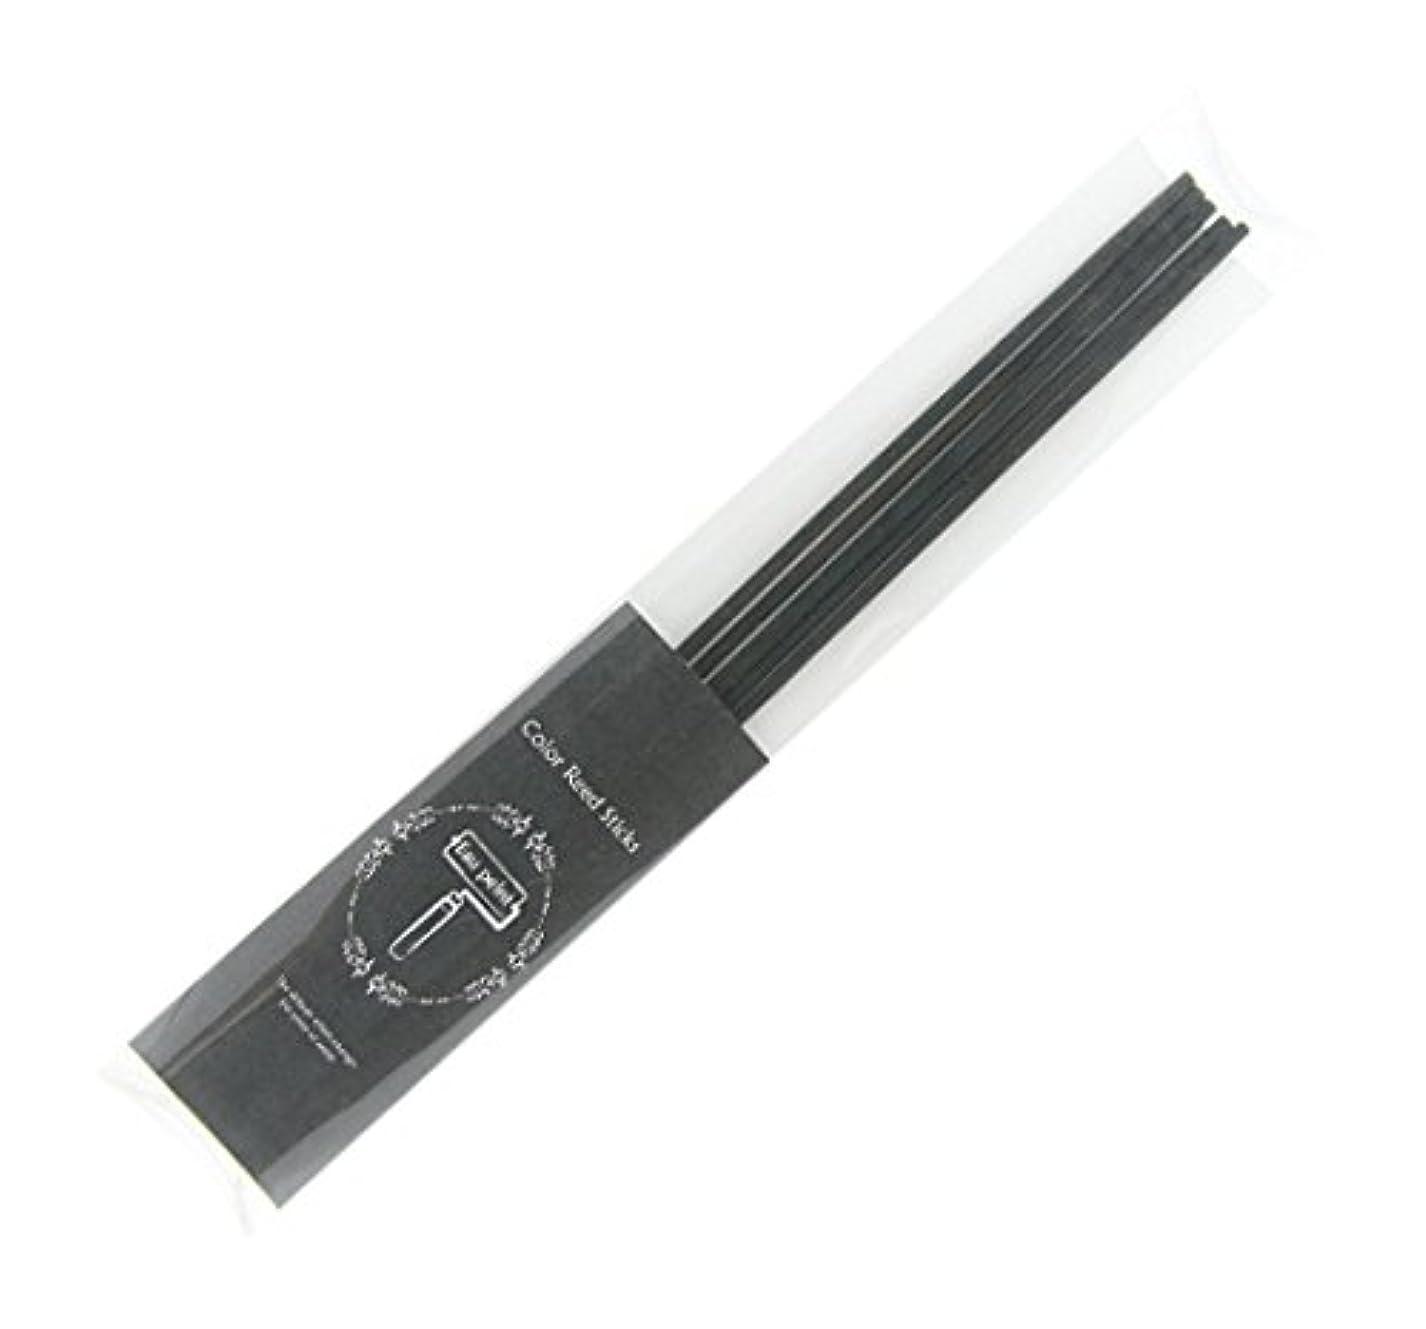 エスカレーター区著名なEau peint mais+ カラースティック リードディフューザー用スティック 5本入 ブラック Black オーペイント マイス